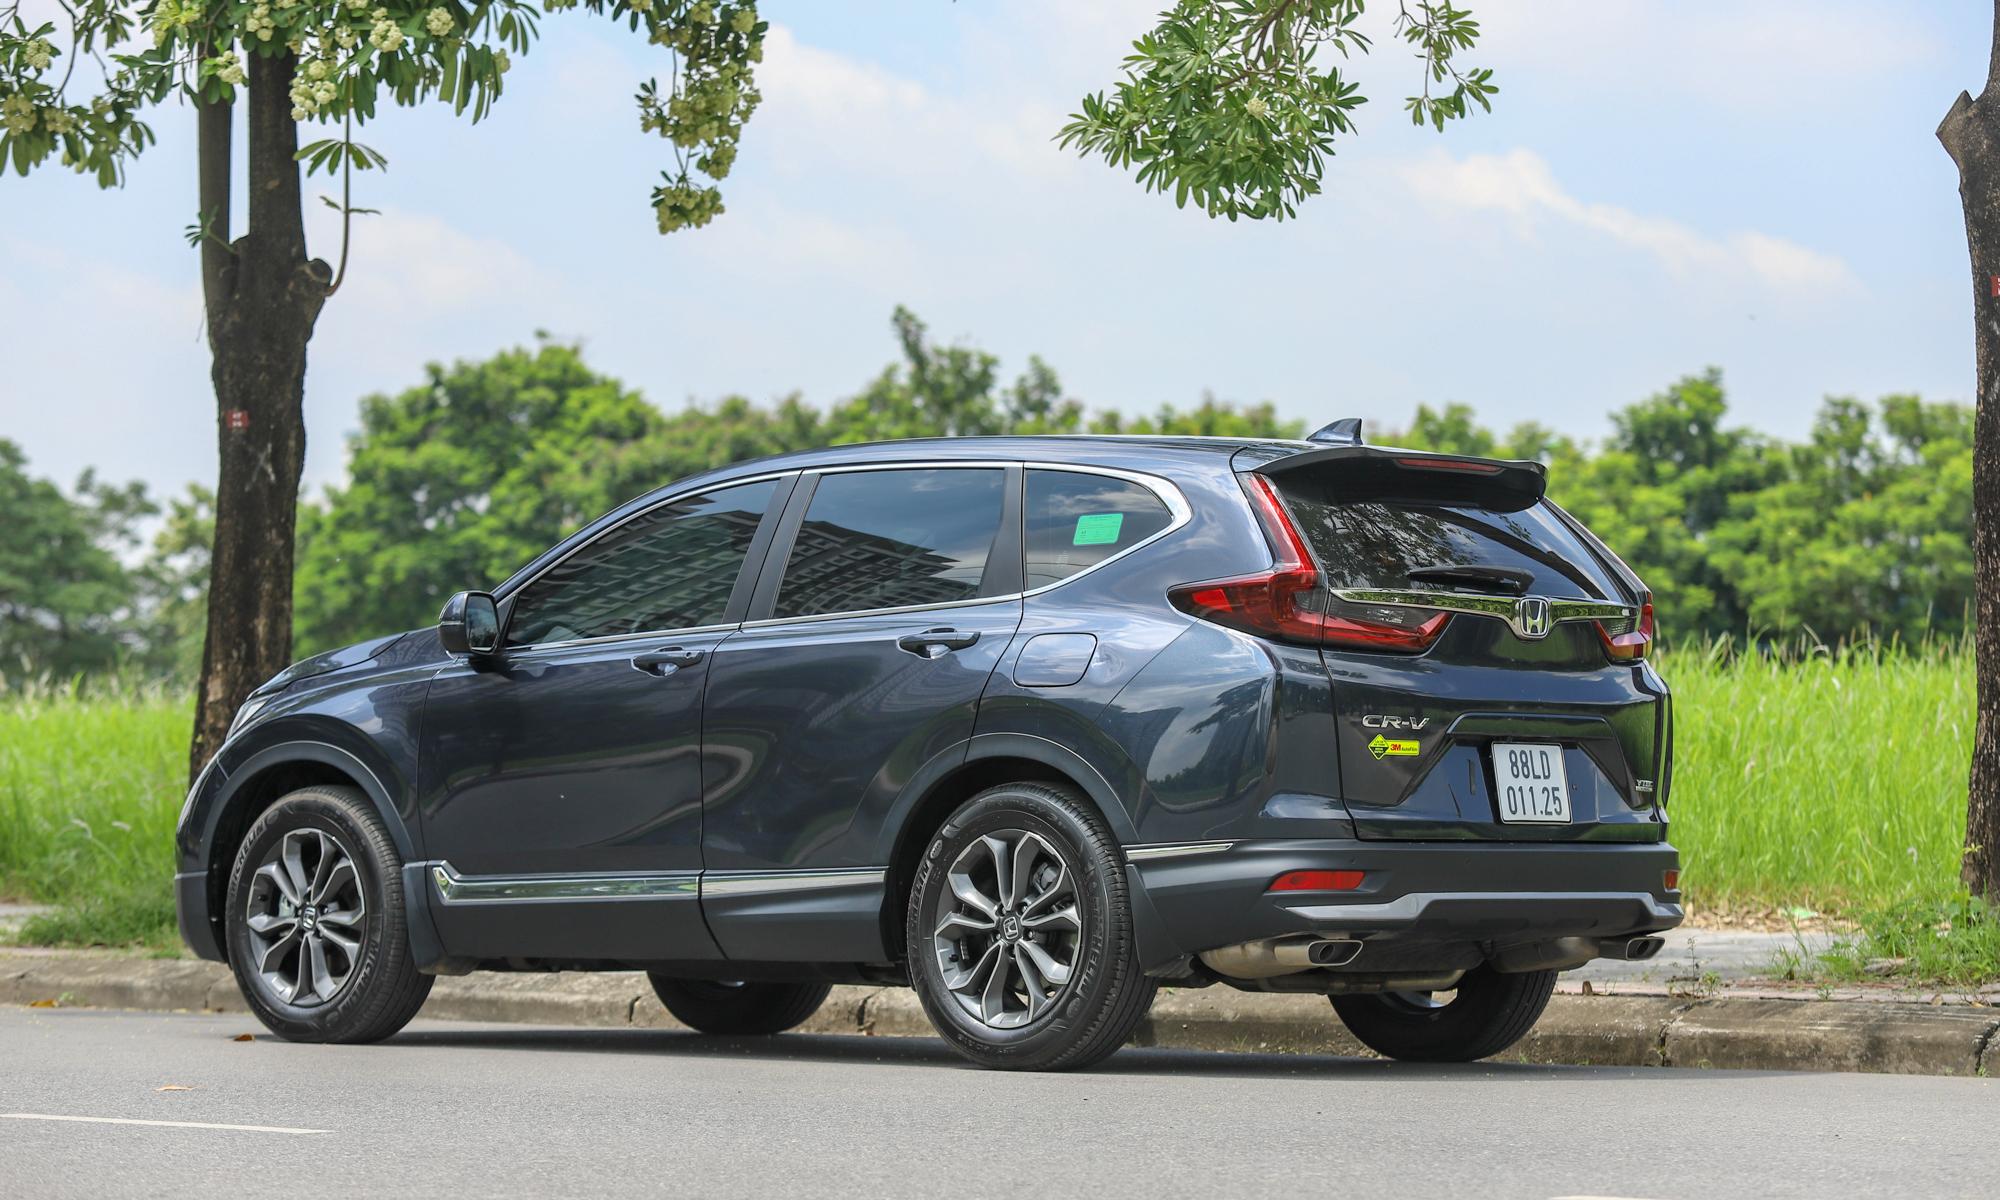 Honda CR-V trên đường phố.